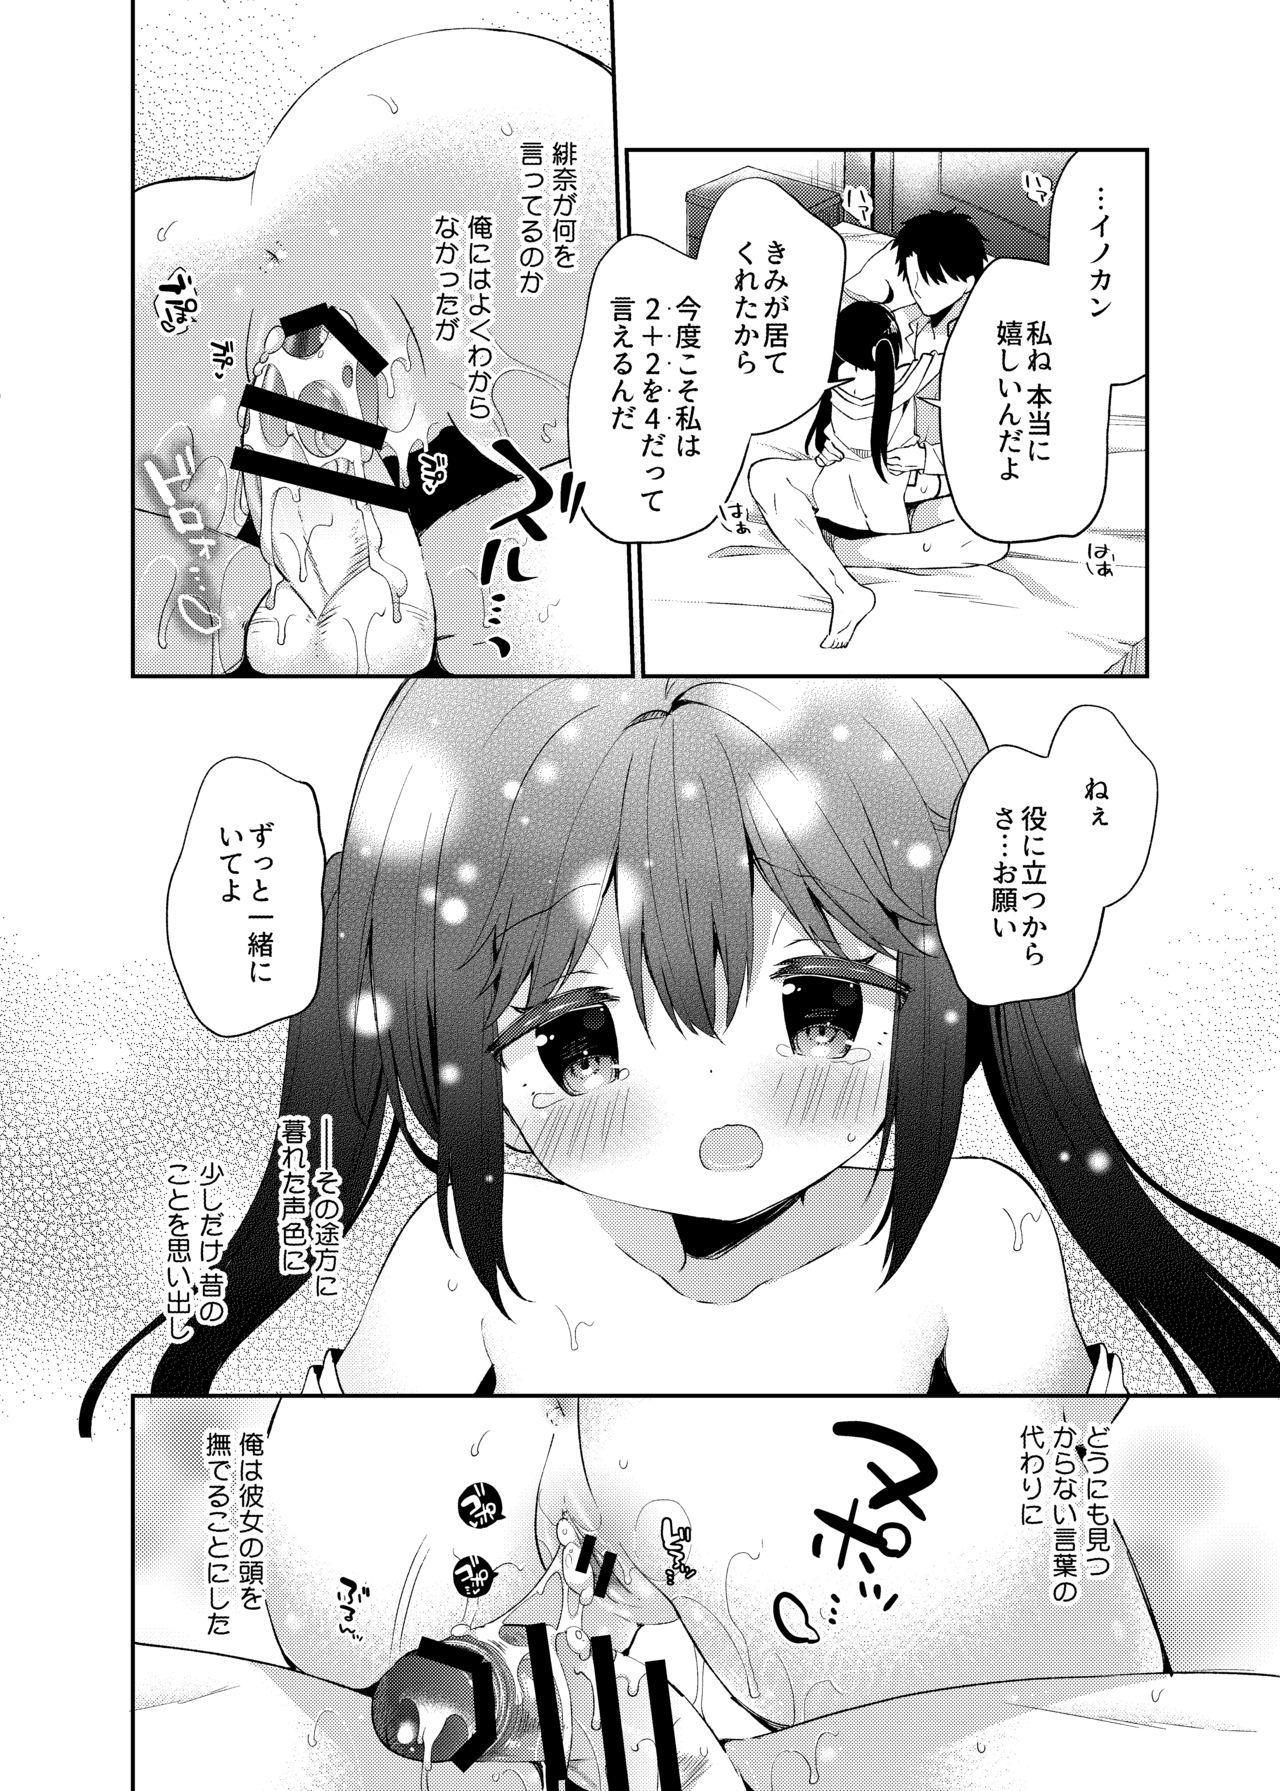 Onnanoko no Mayu Soushuuhen 01 91